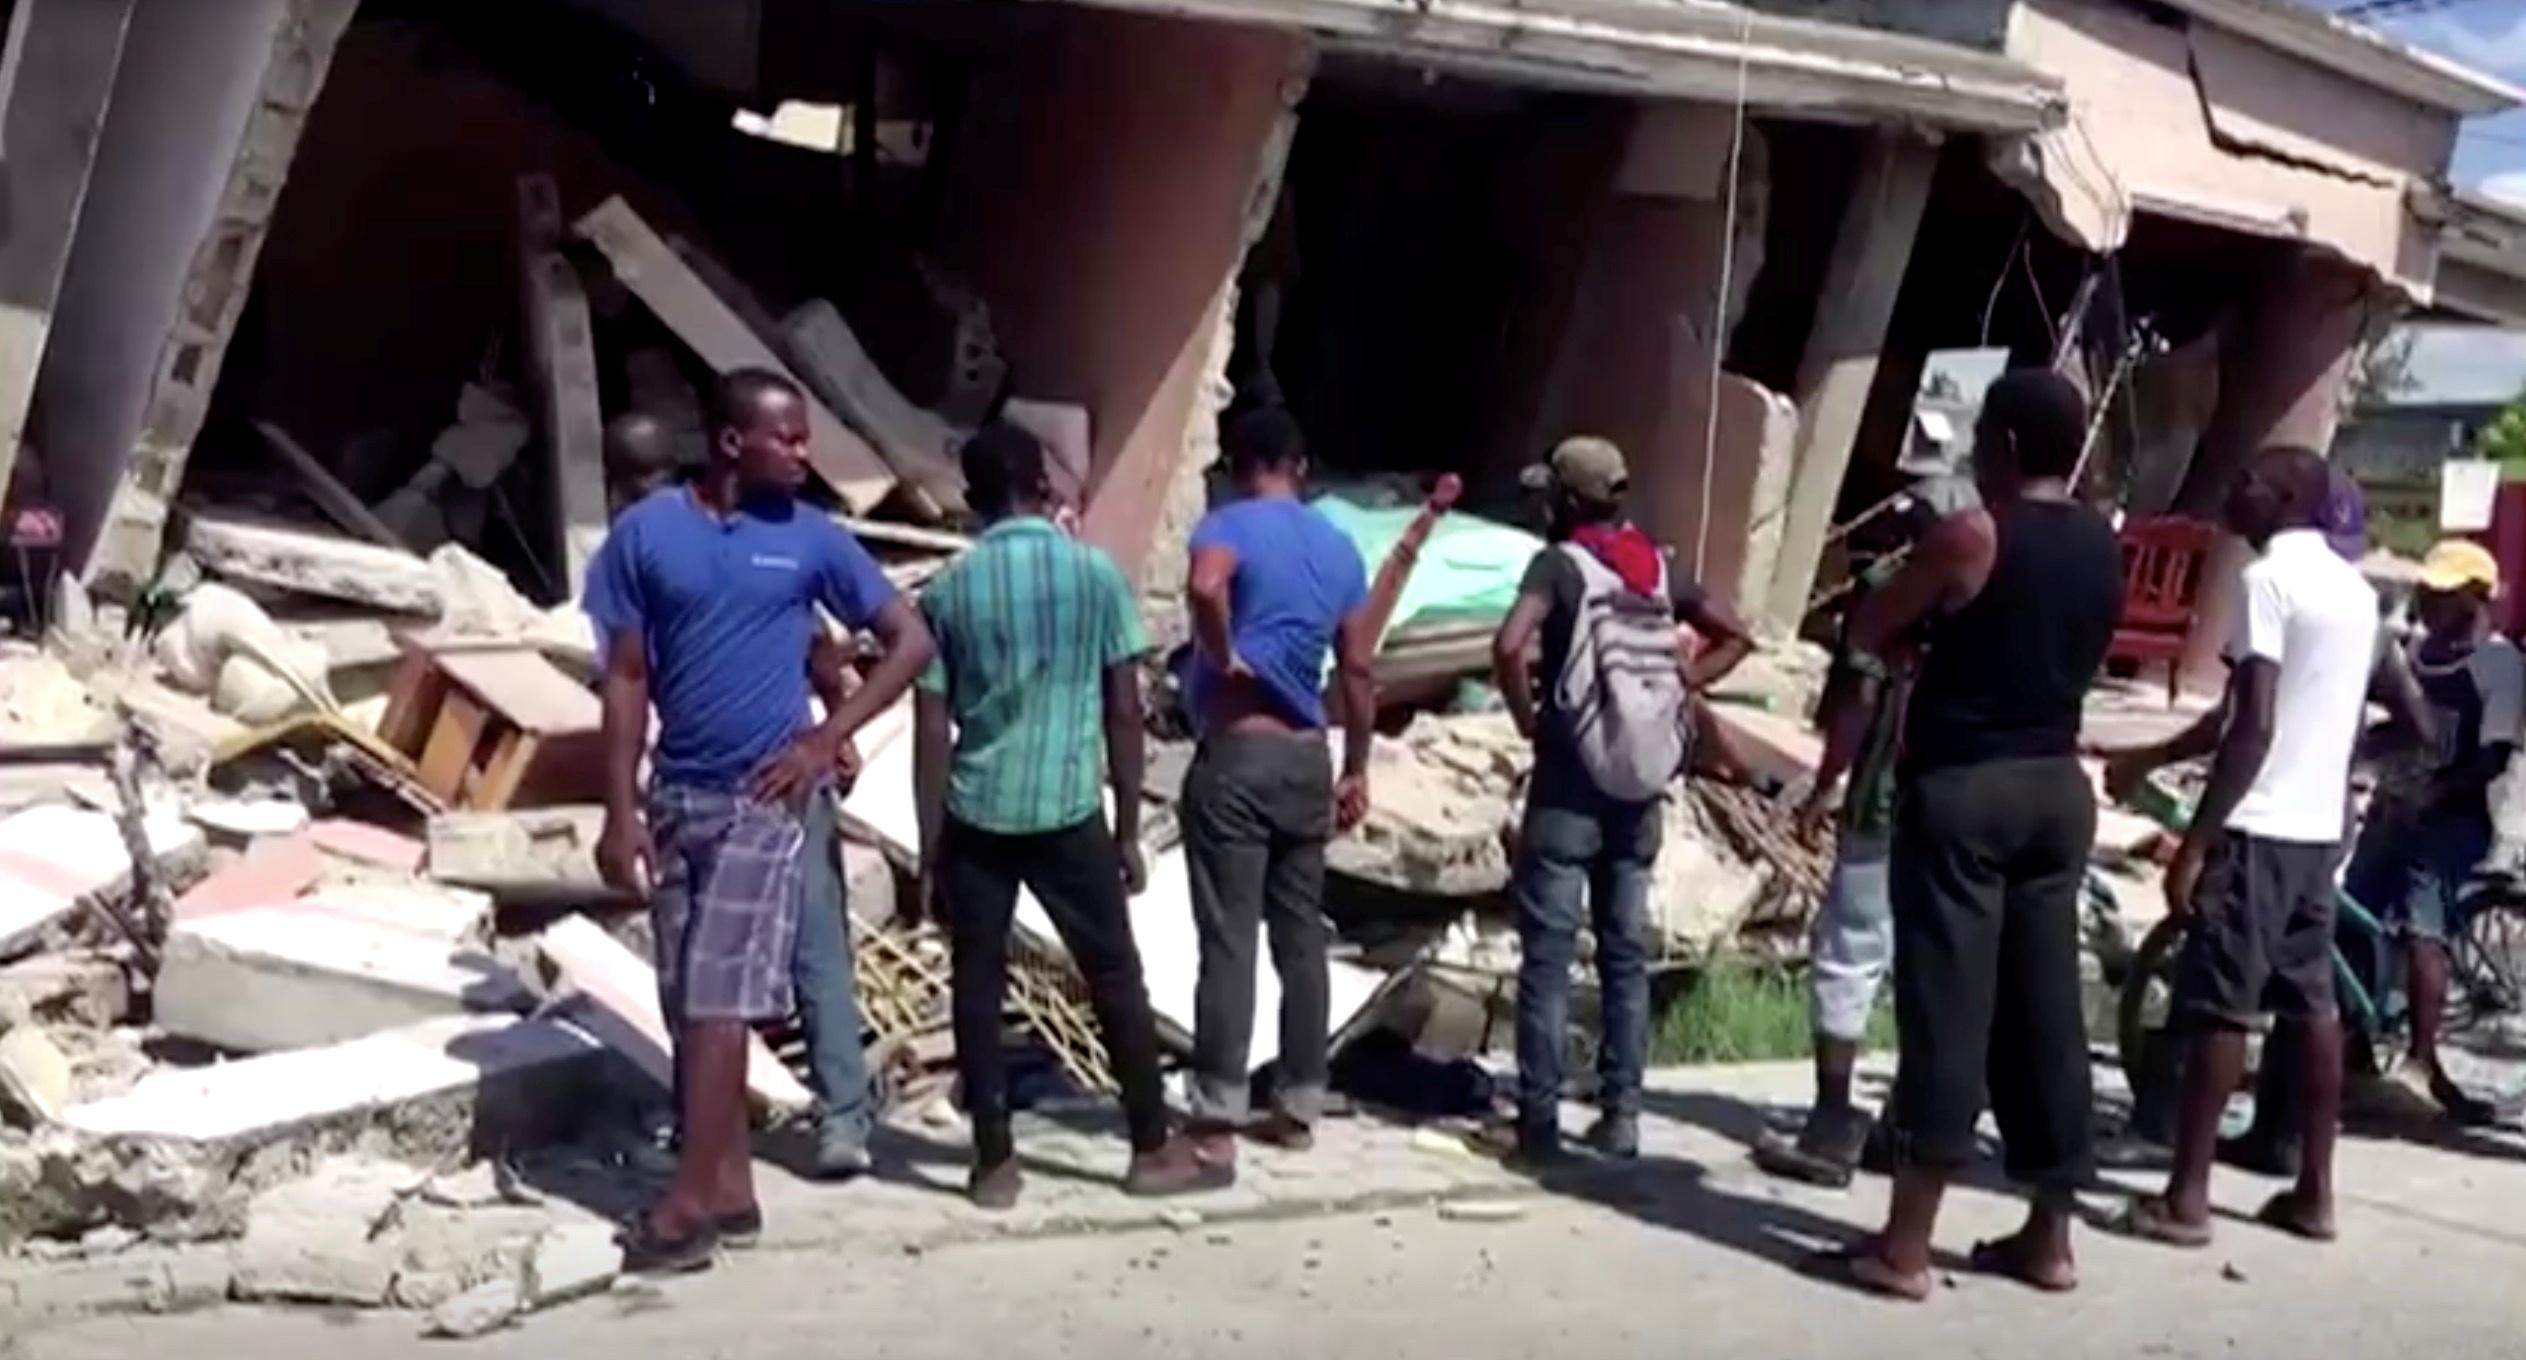 Λέκκας για σεισμό στην Αϊτή: Ενεργοποιήθηκε και πάλι το ρήγμα Enriquillo-Plantain Garden